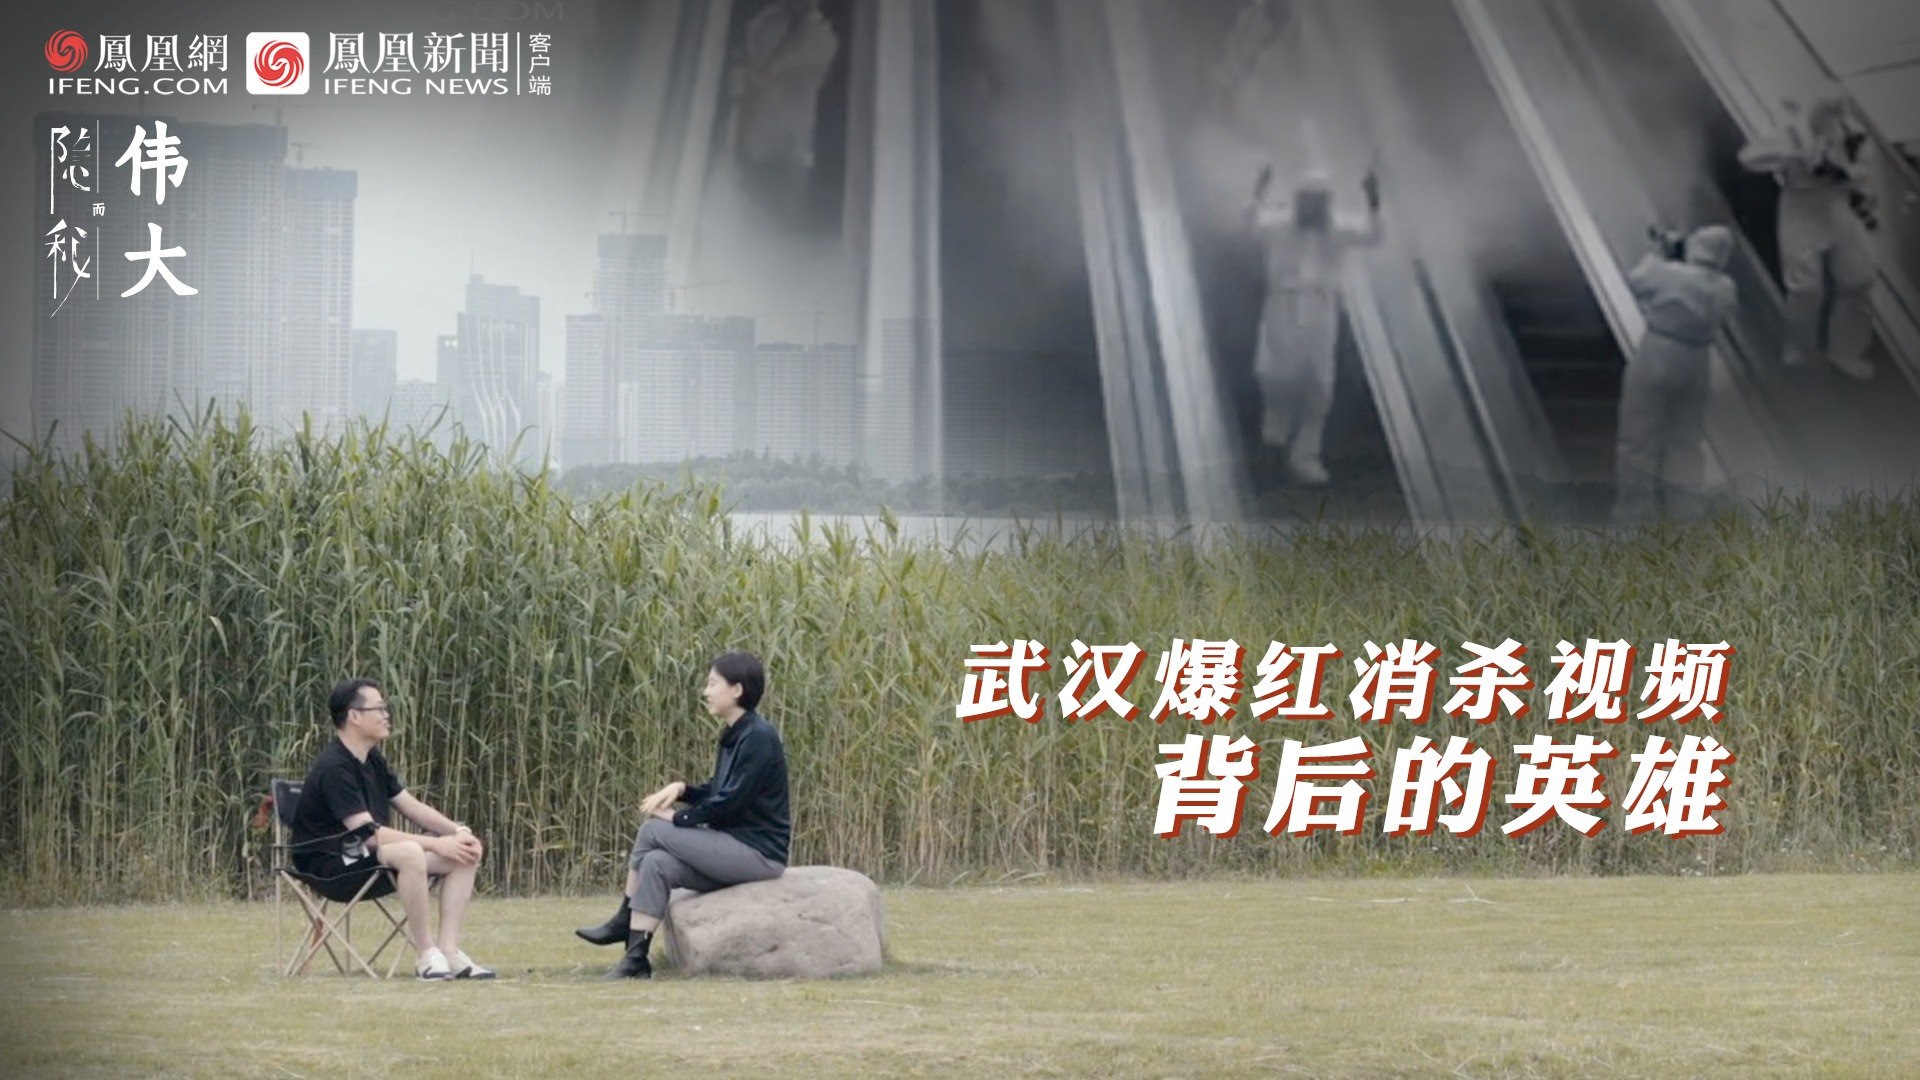 武汉爆红消杀视频背后的故事 队友:这是他用命换来的